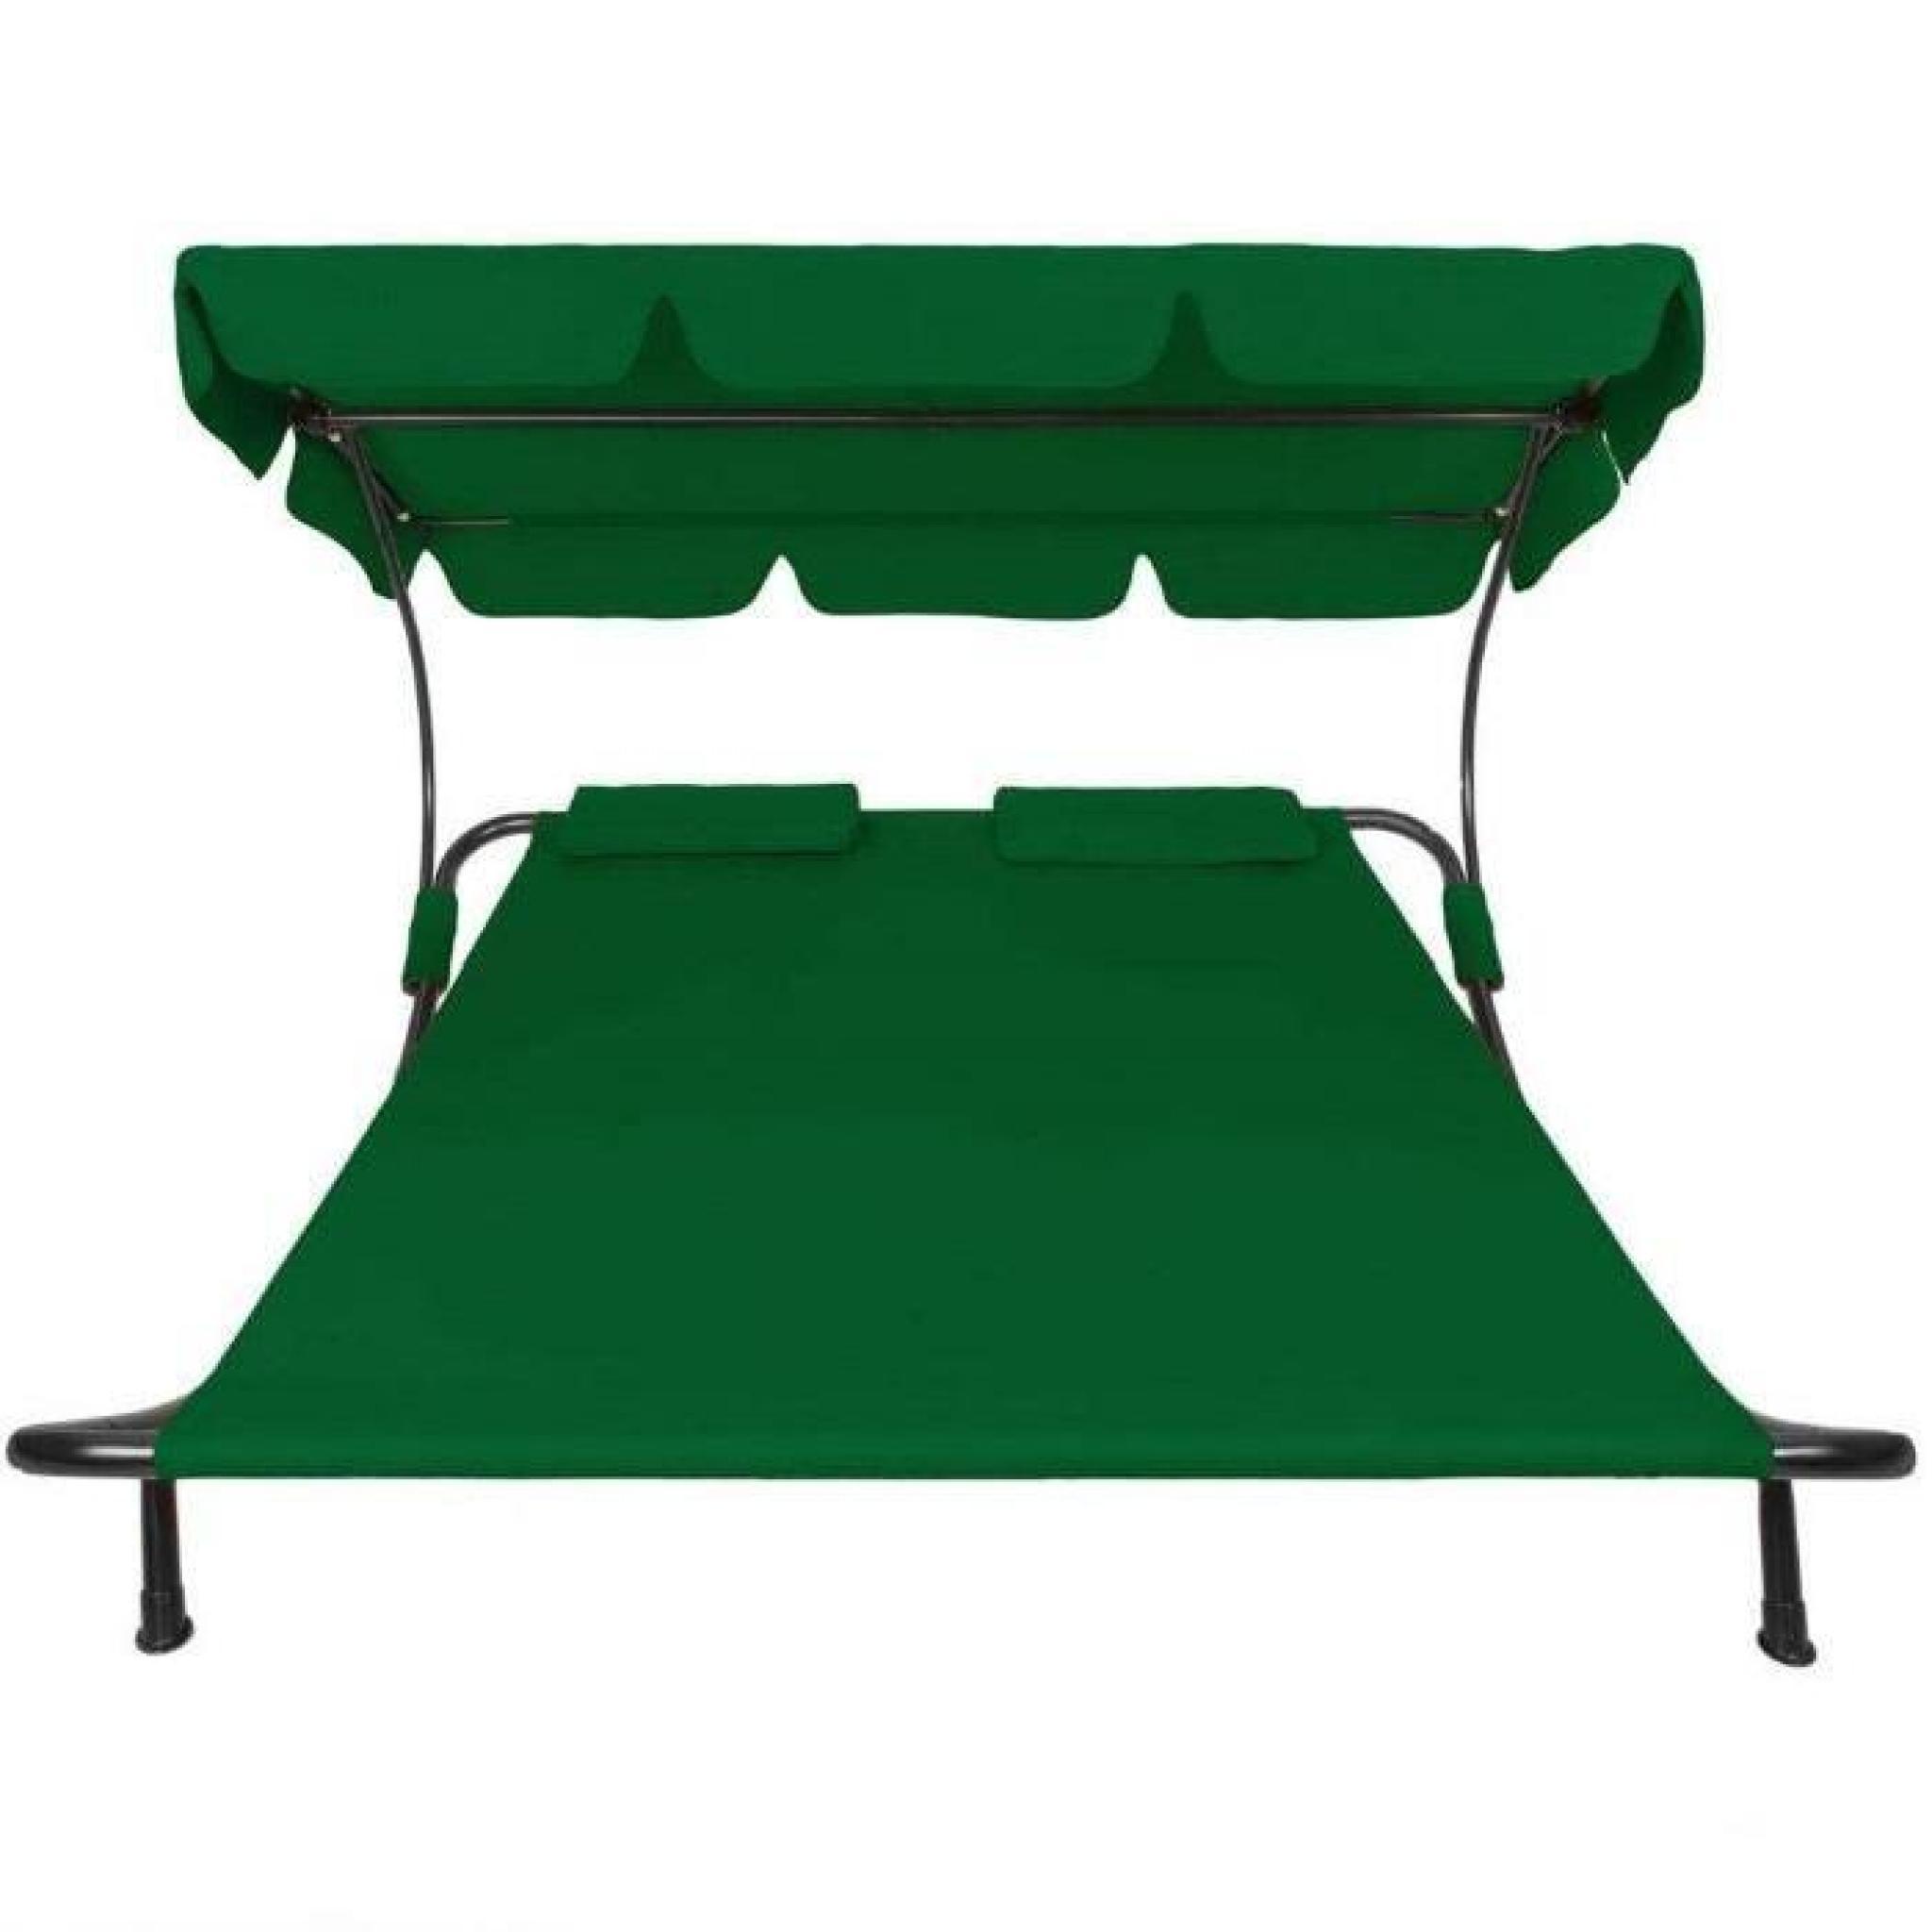 Transat double avec pare soleil chaise longue achat - Chaise longue de jardin pas cher ...